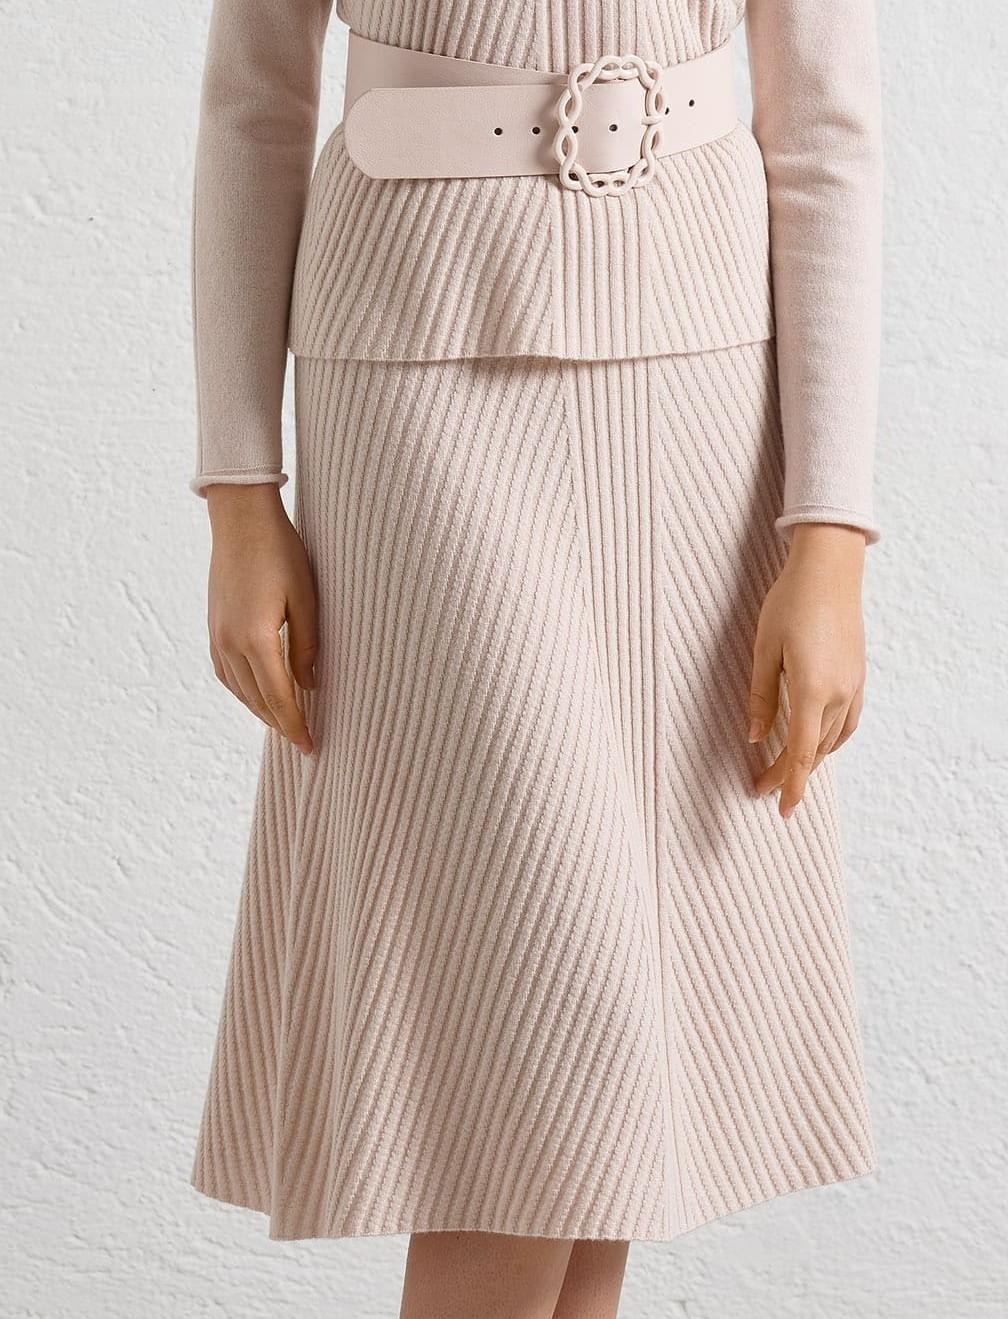 Rosafarbener A-Linien Rock aus Kaschmir-Mix in einem raffinierten Strickmuster. Bildet zusammen mit dem passenden Rollkragenpullover ein chickes Zweiteiler-Kleid.